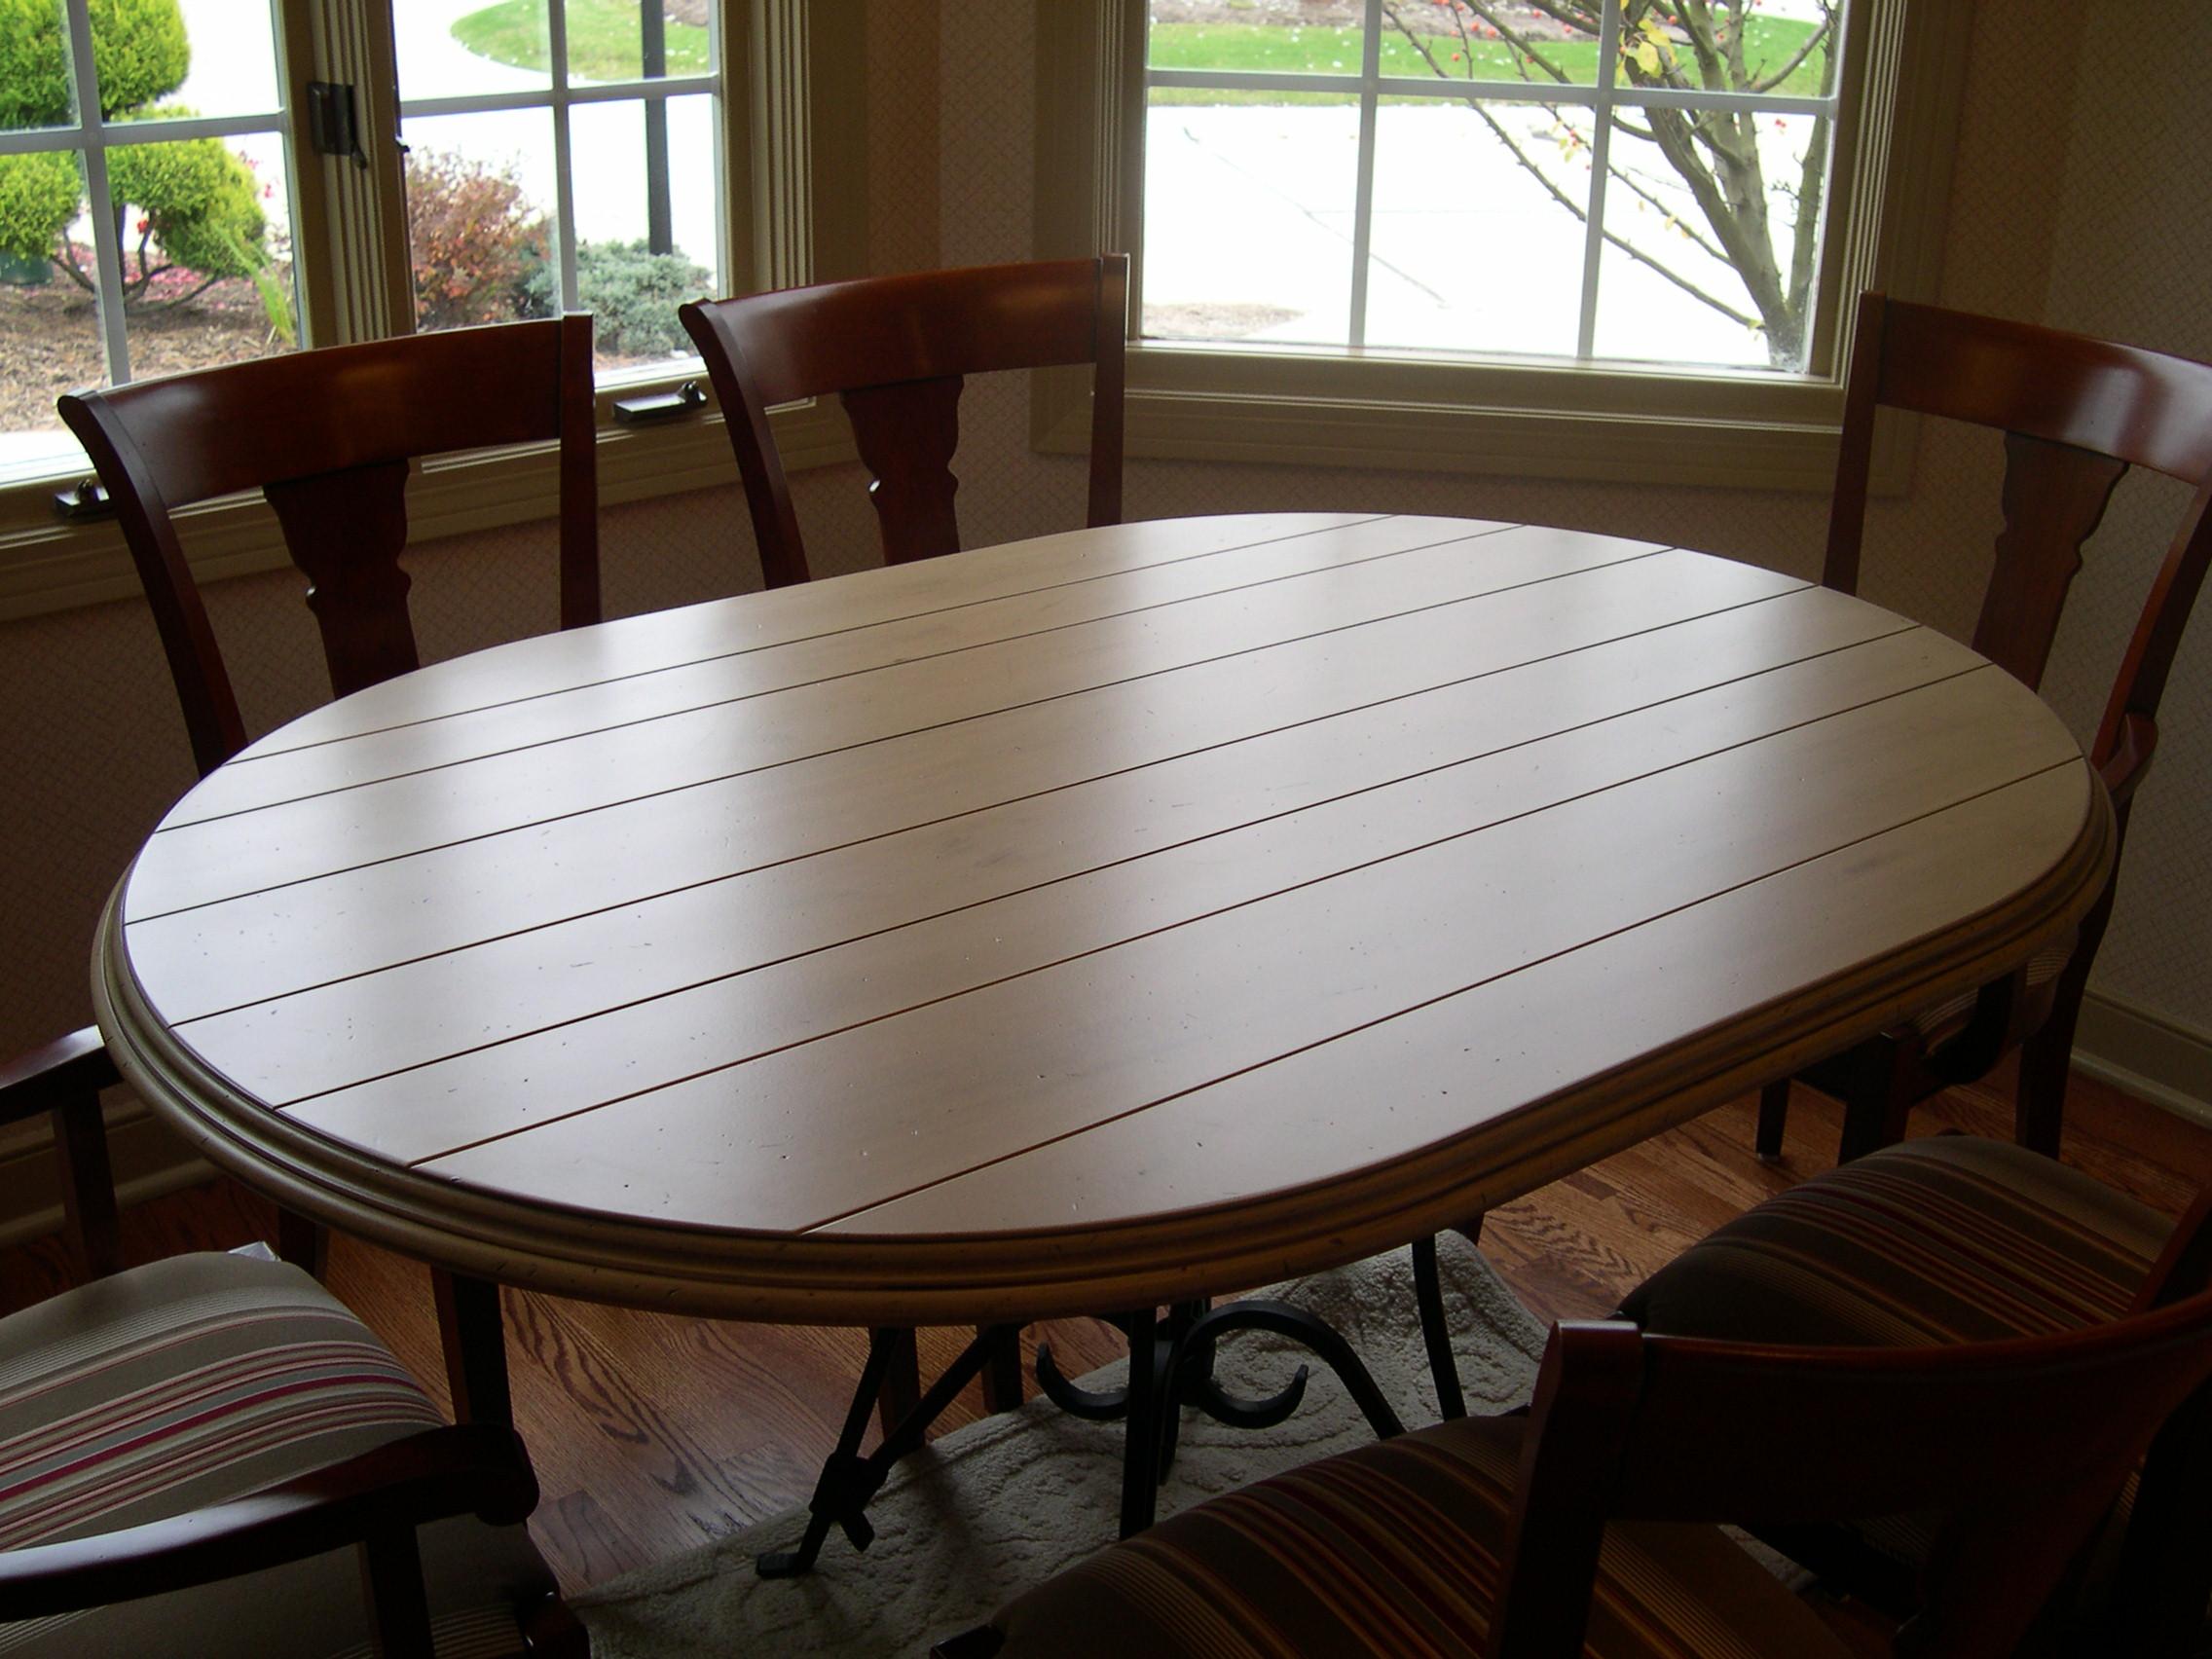 Custom built table top